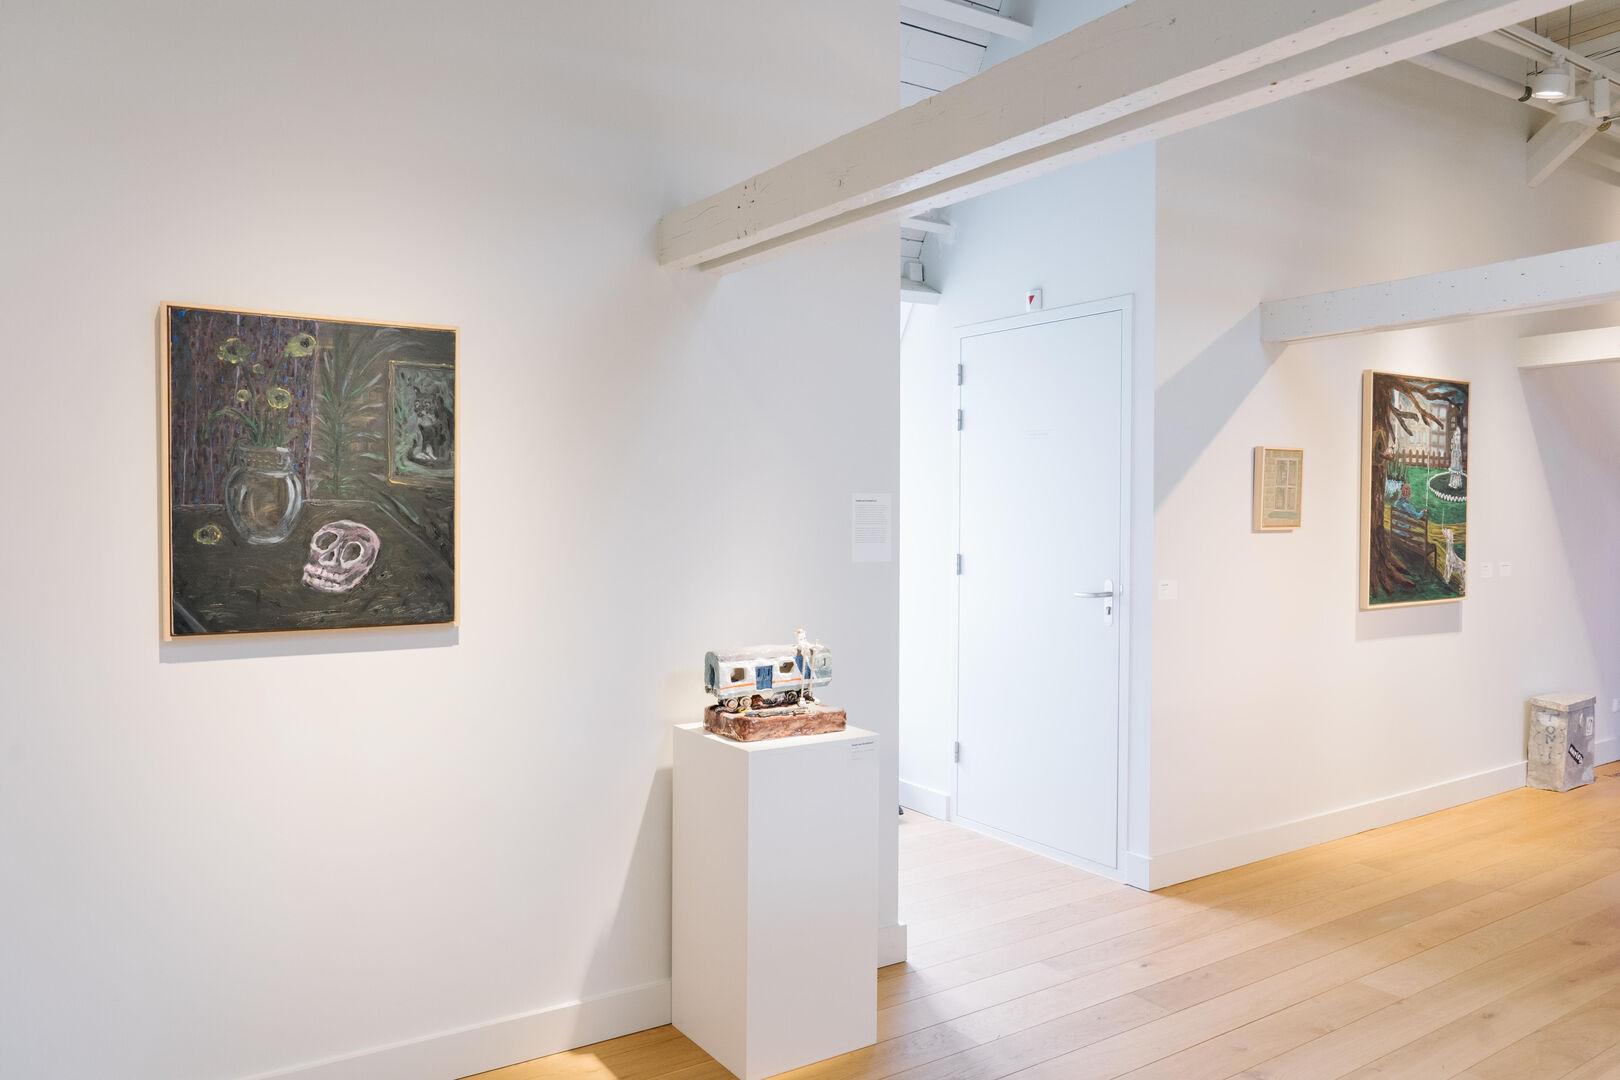 Museum Jan Cunen_opening_3oktober2020_Fotograaf_Almicheal_Fraay-4